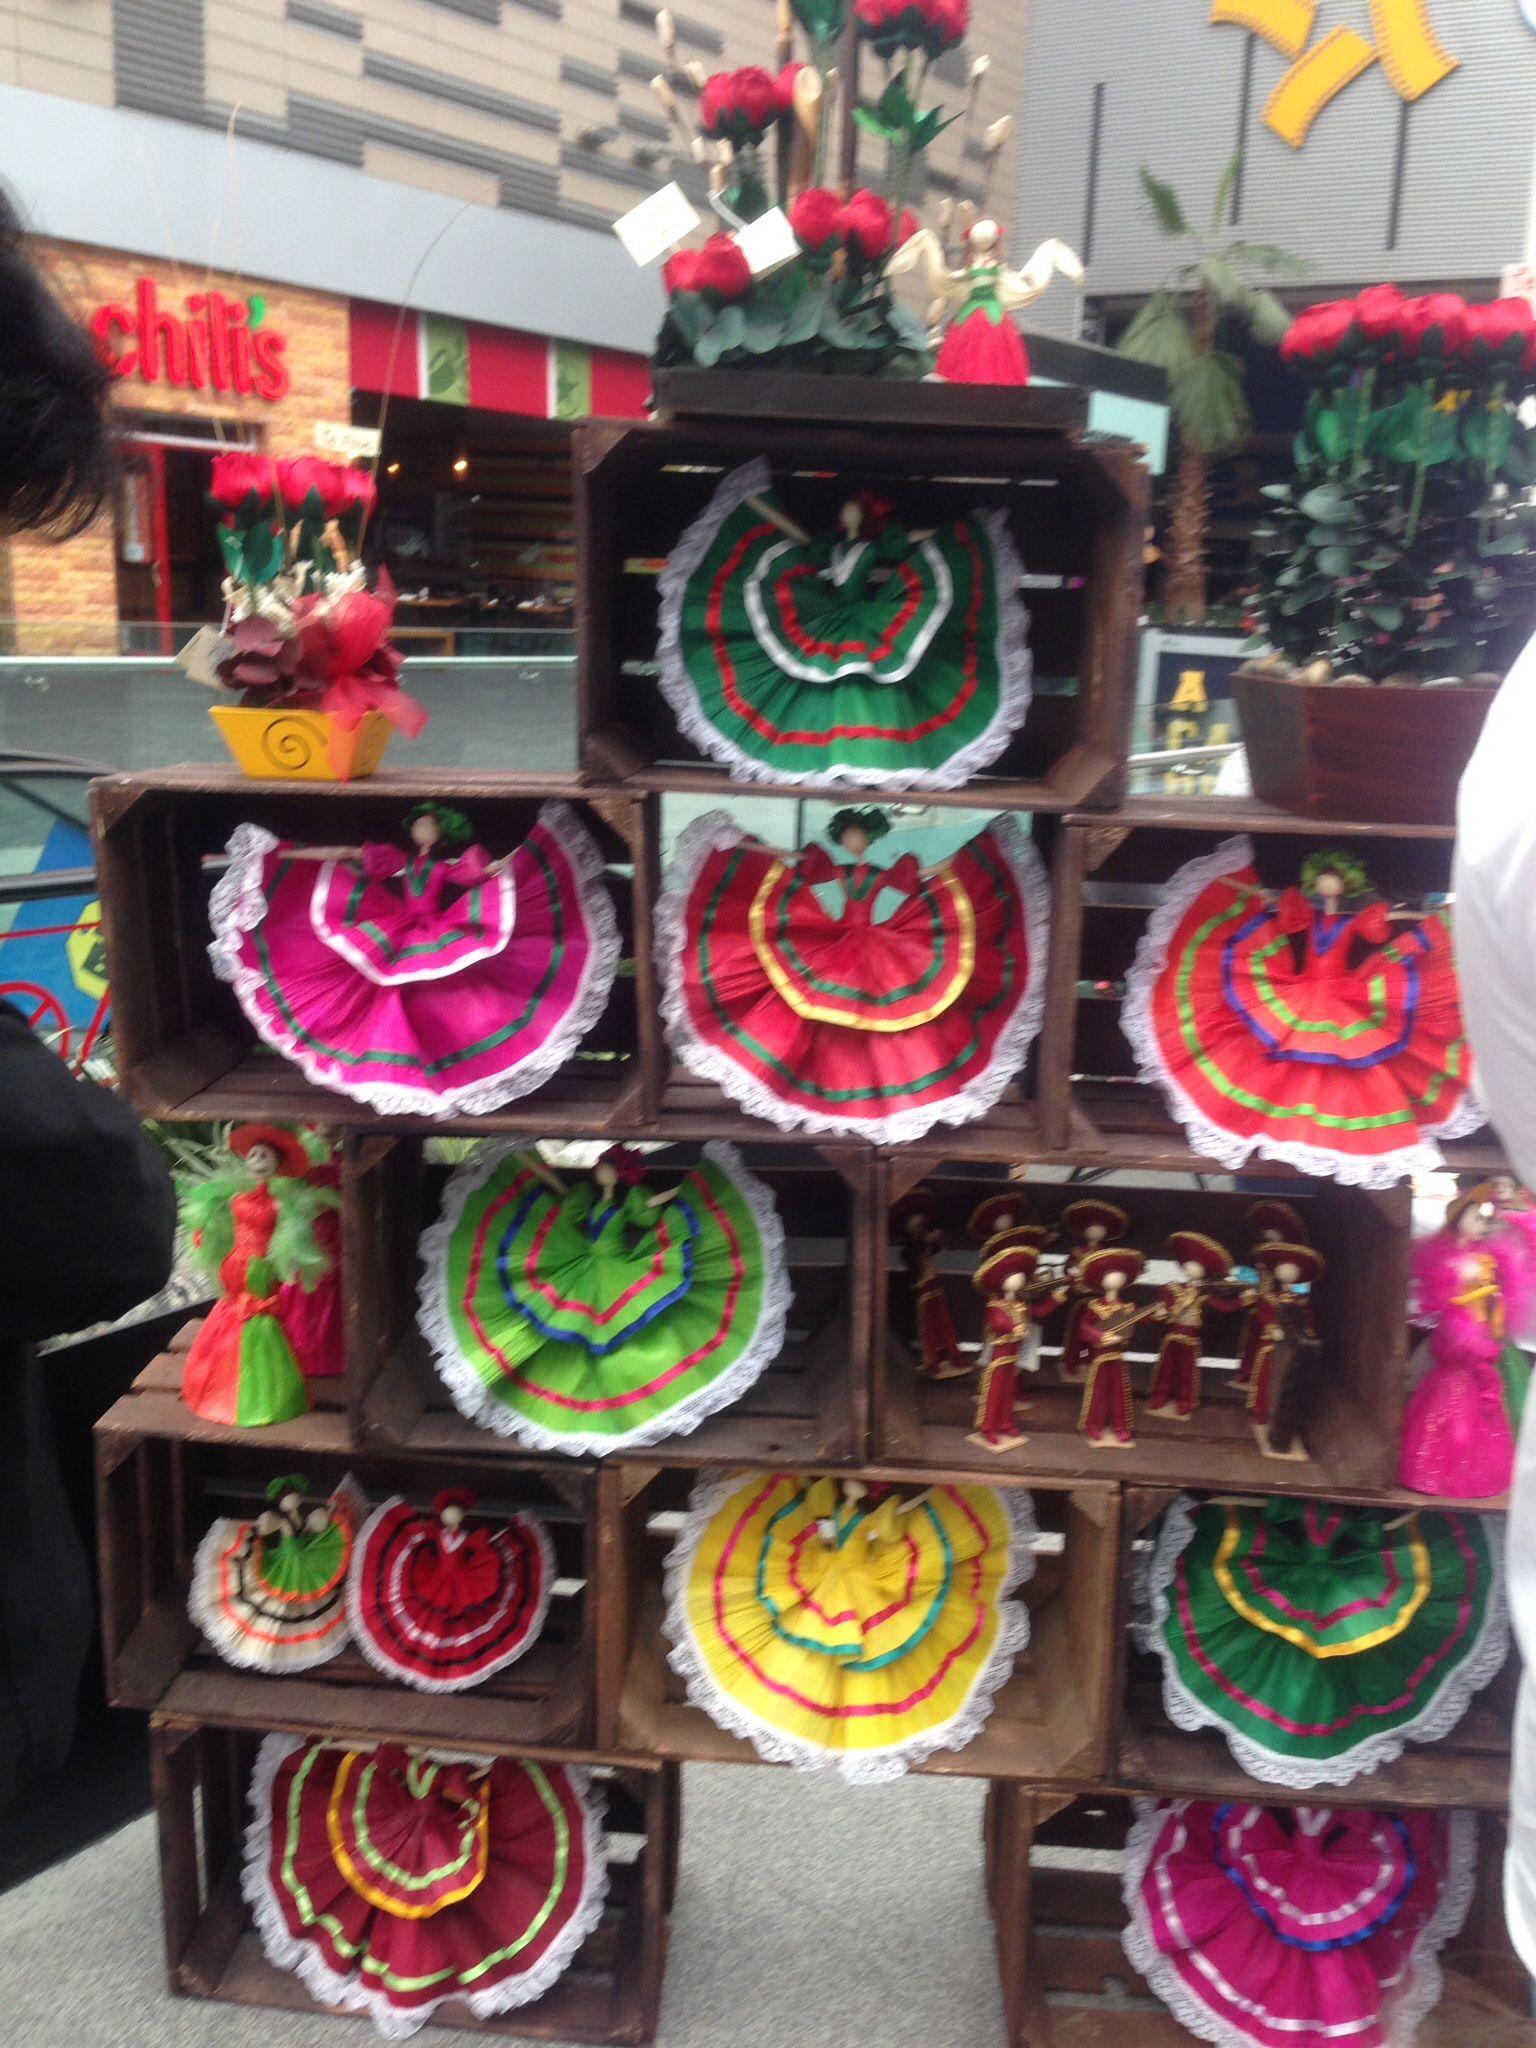 Muñecos de hoja de maíz, fiesta mexicana   Muñecos de hoja de maíz ...